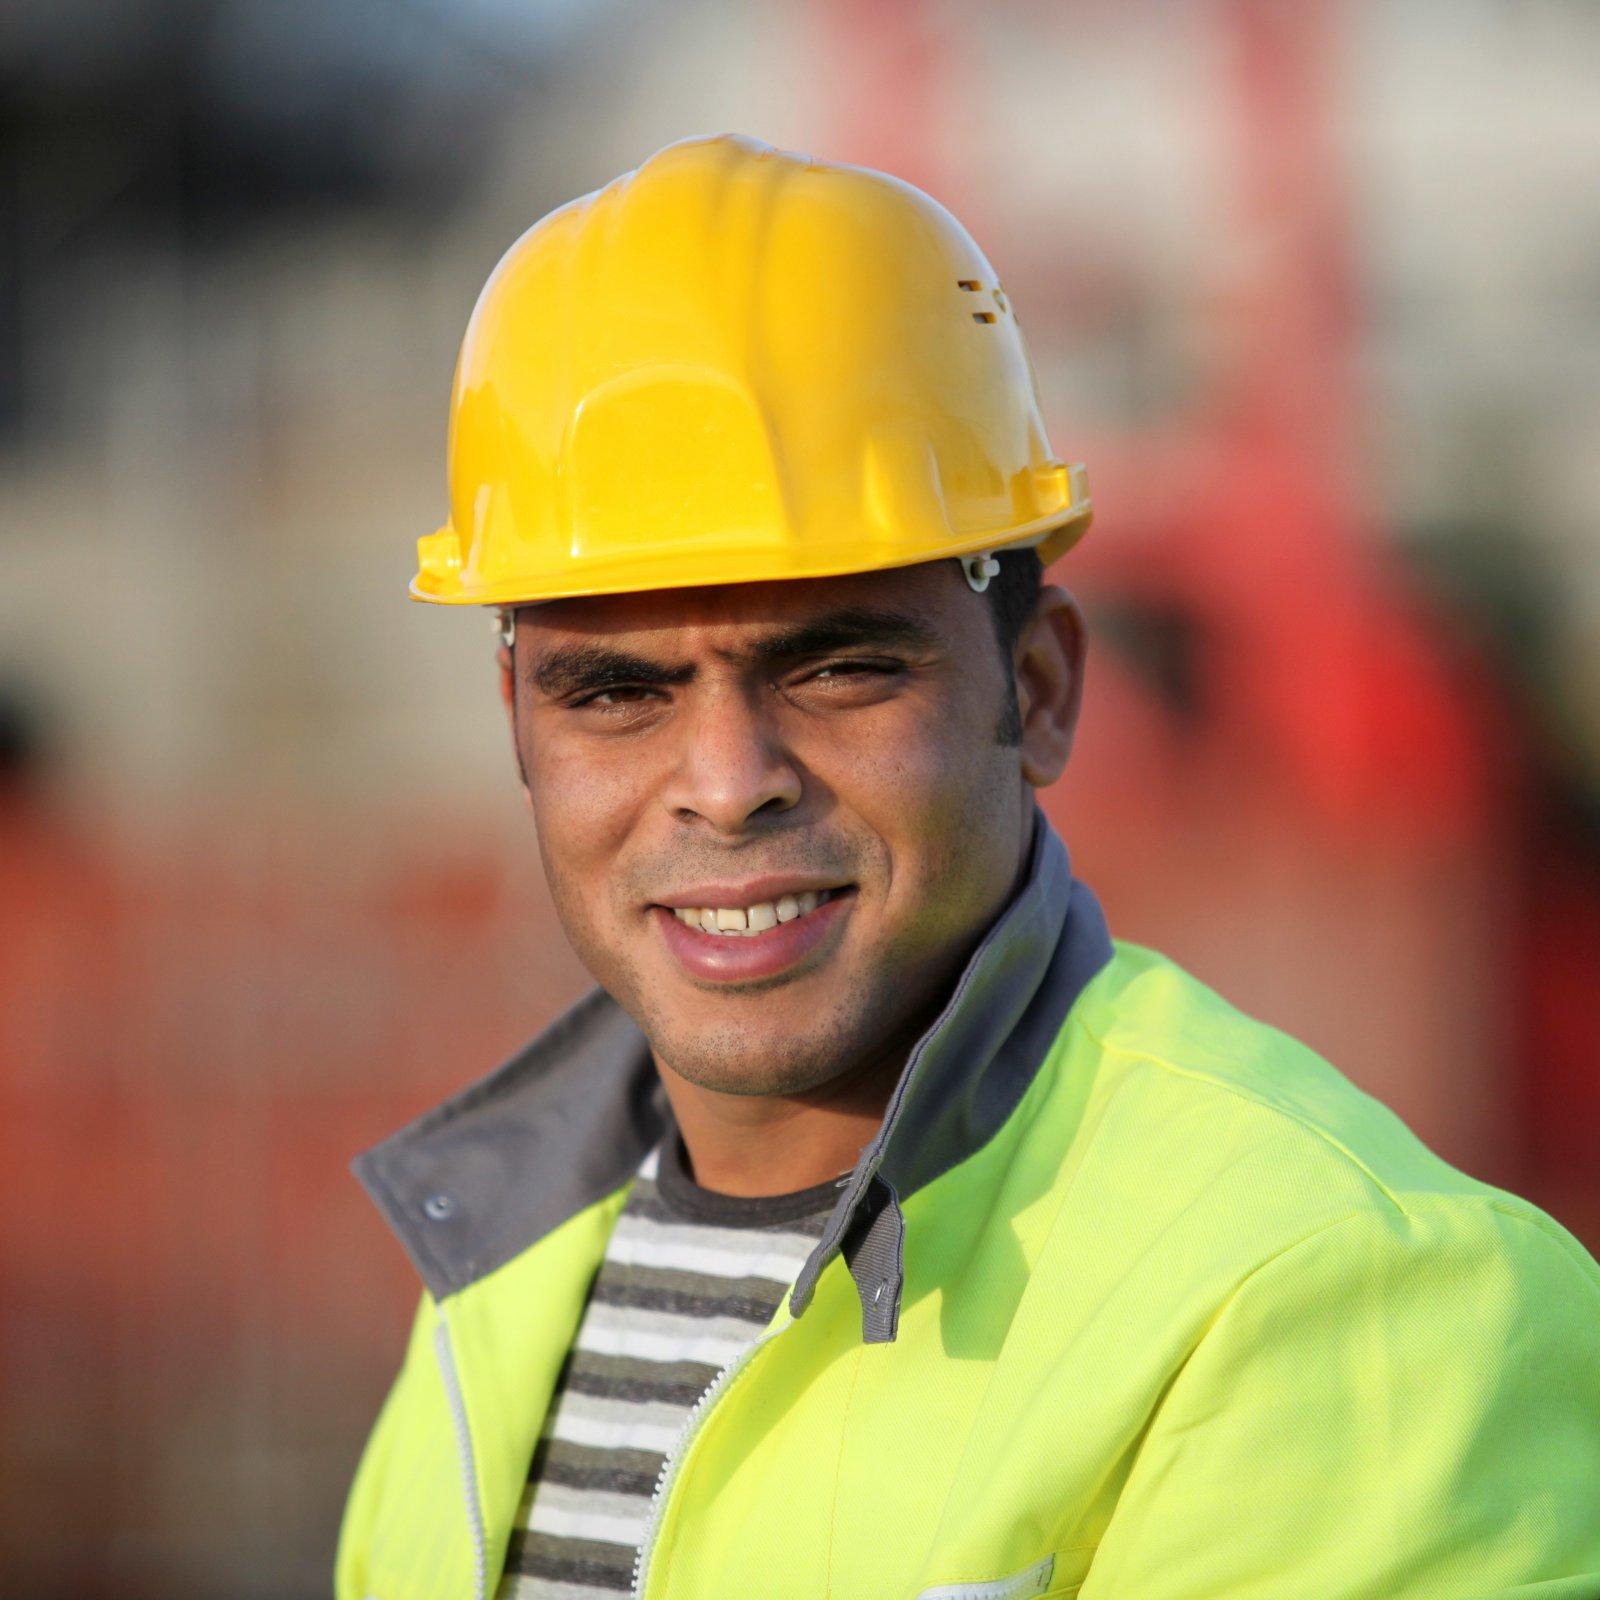 Portrait d'un ouvrier avec casque de sécurité